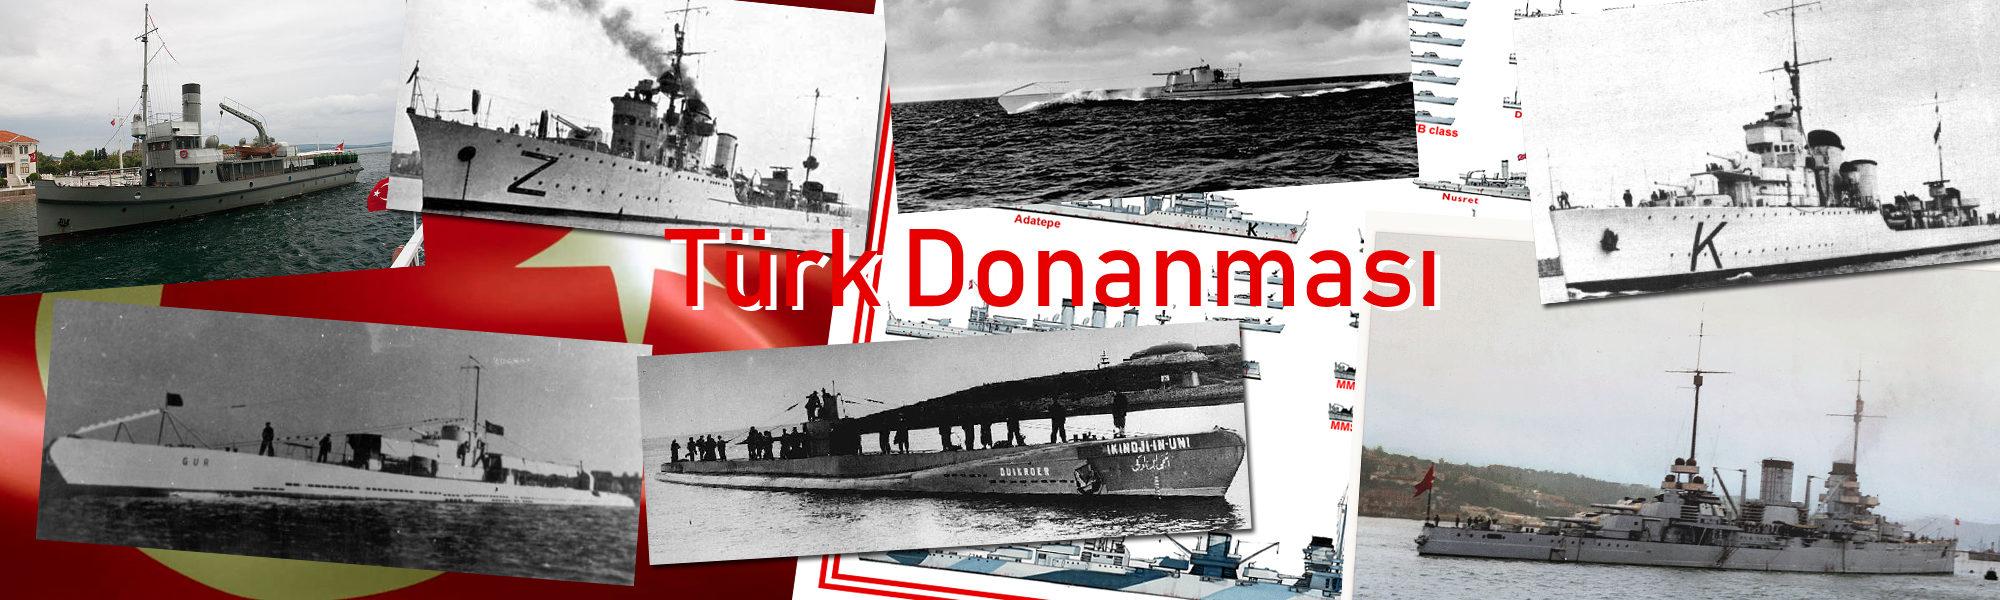 Türk Donanmasi: The Turkish Navy in the interwar and ww2